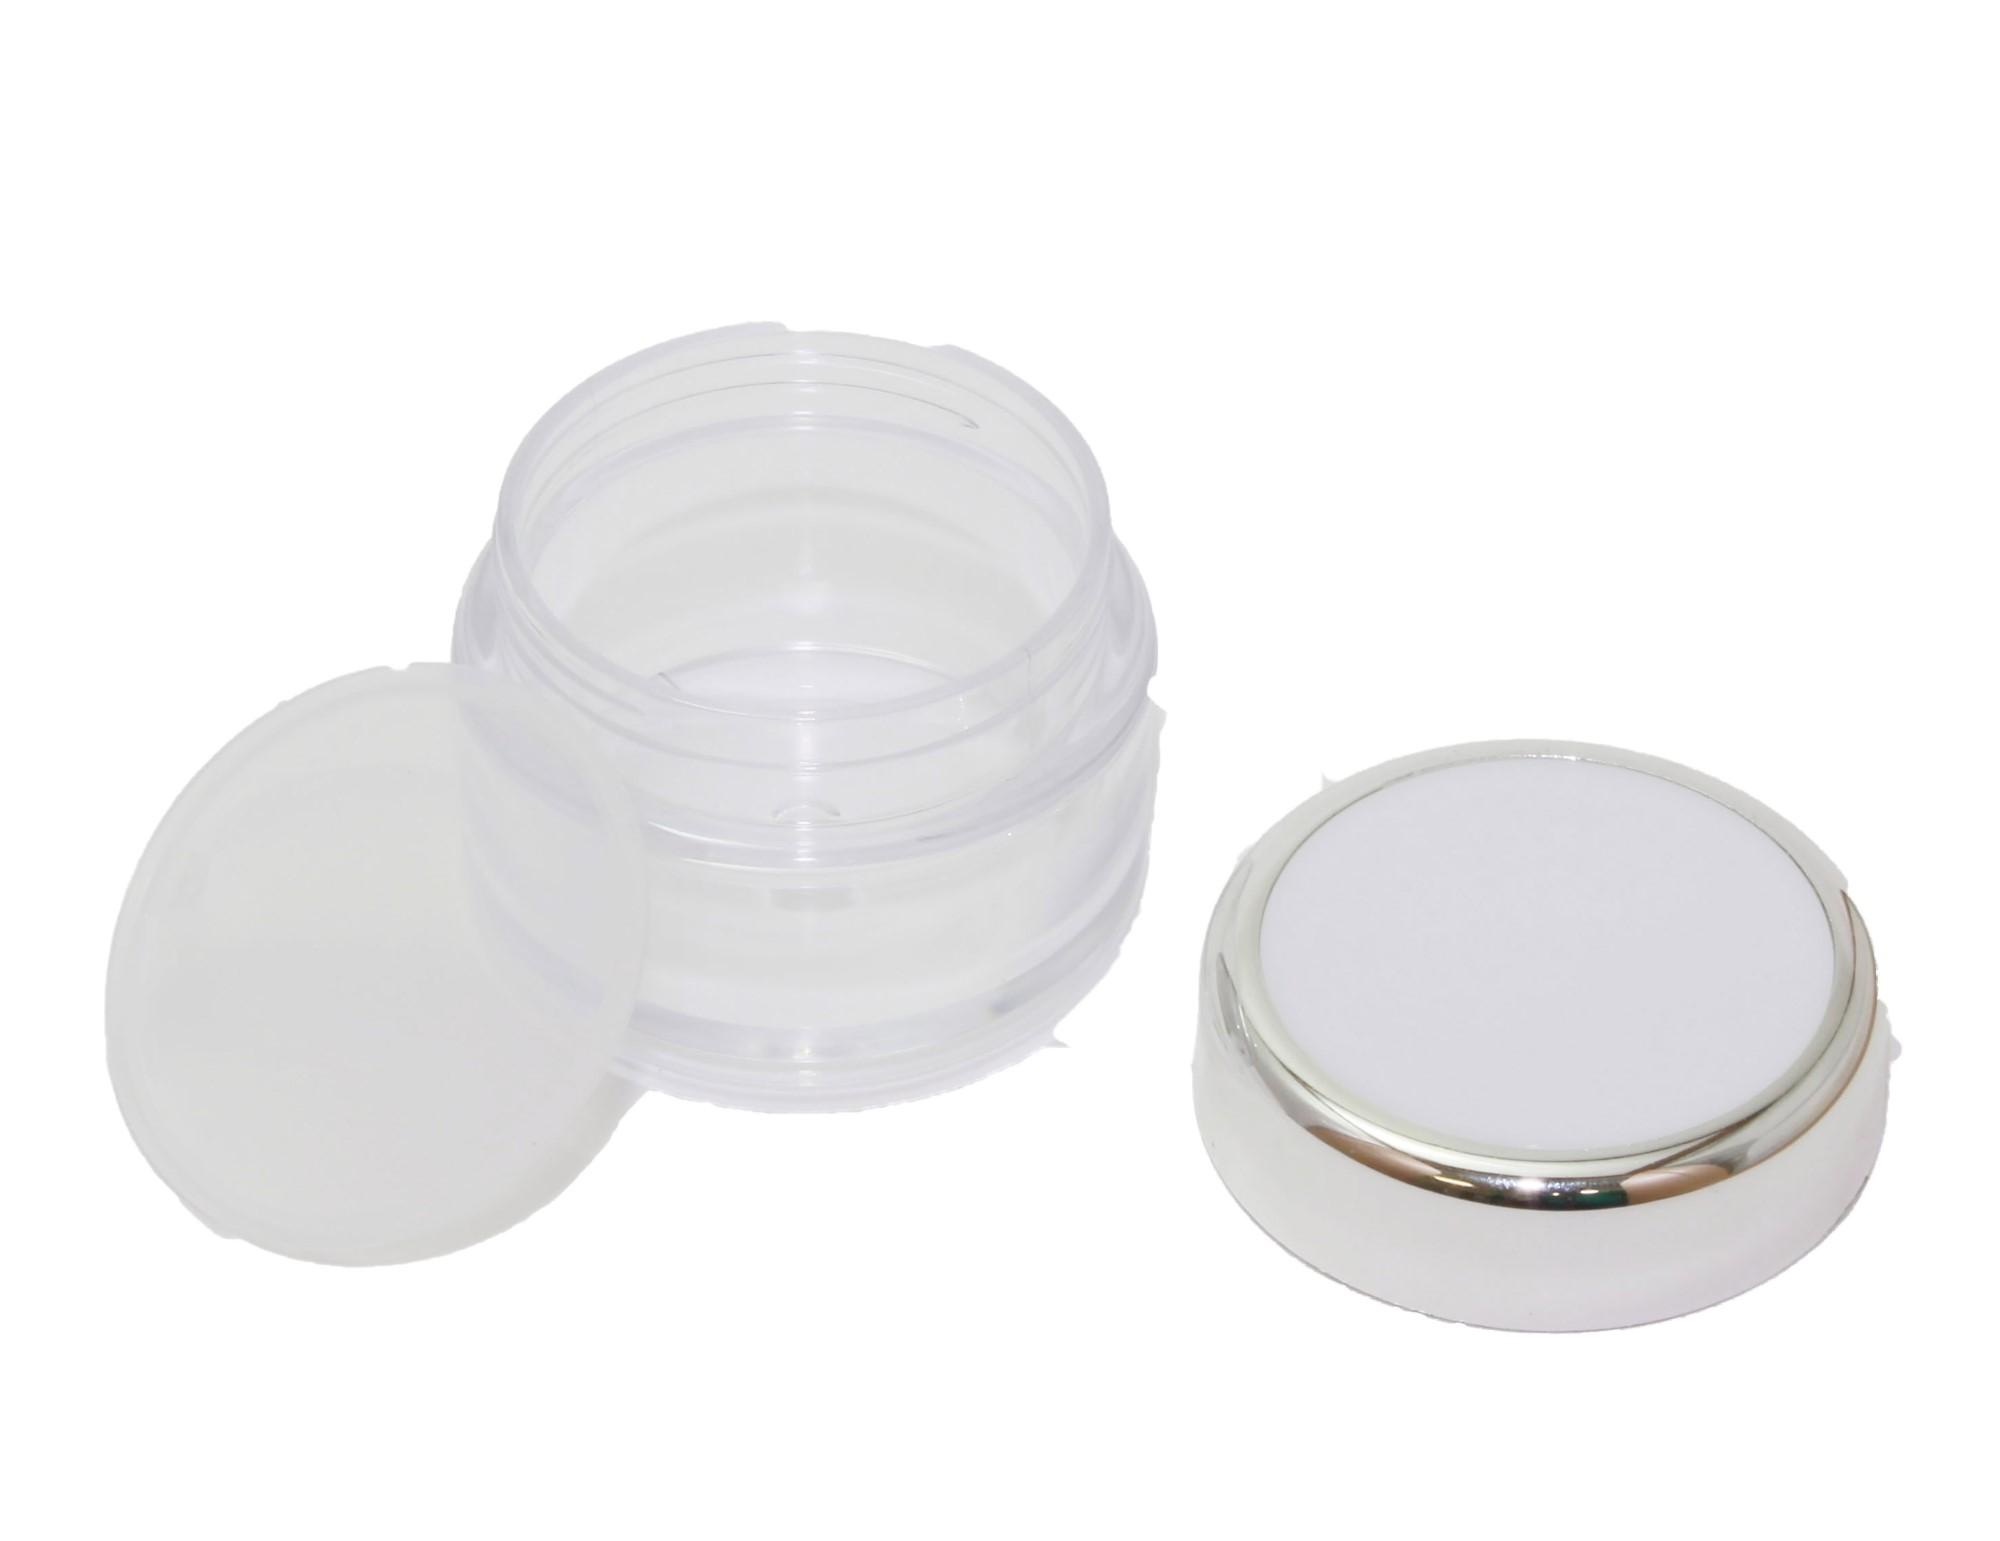 RFbeauty Лоток пластиковый круглый прозрачный 10 см СМ43 от Галерея Косметики